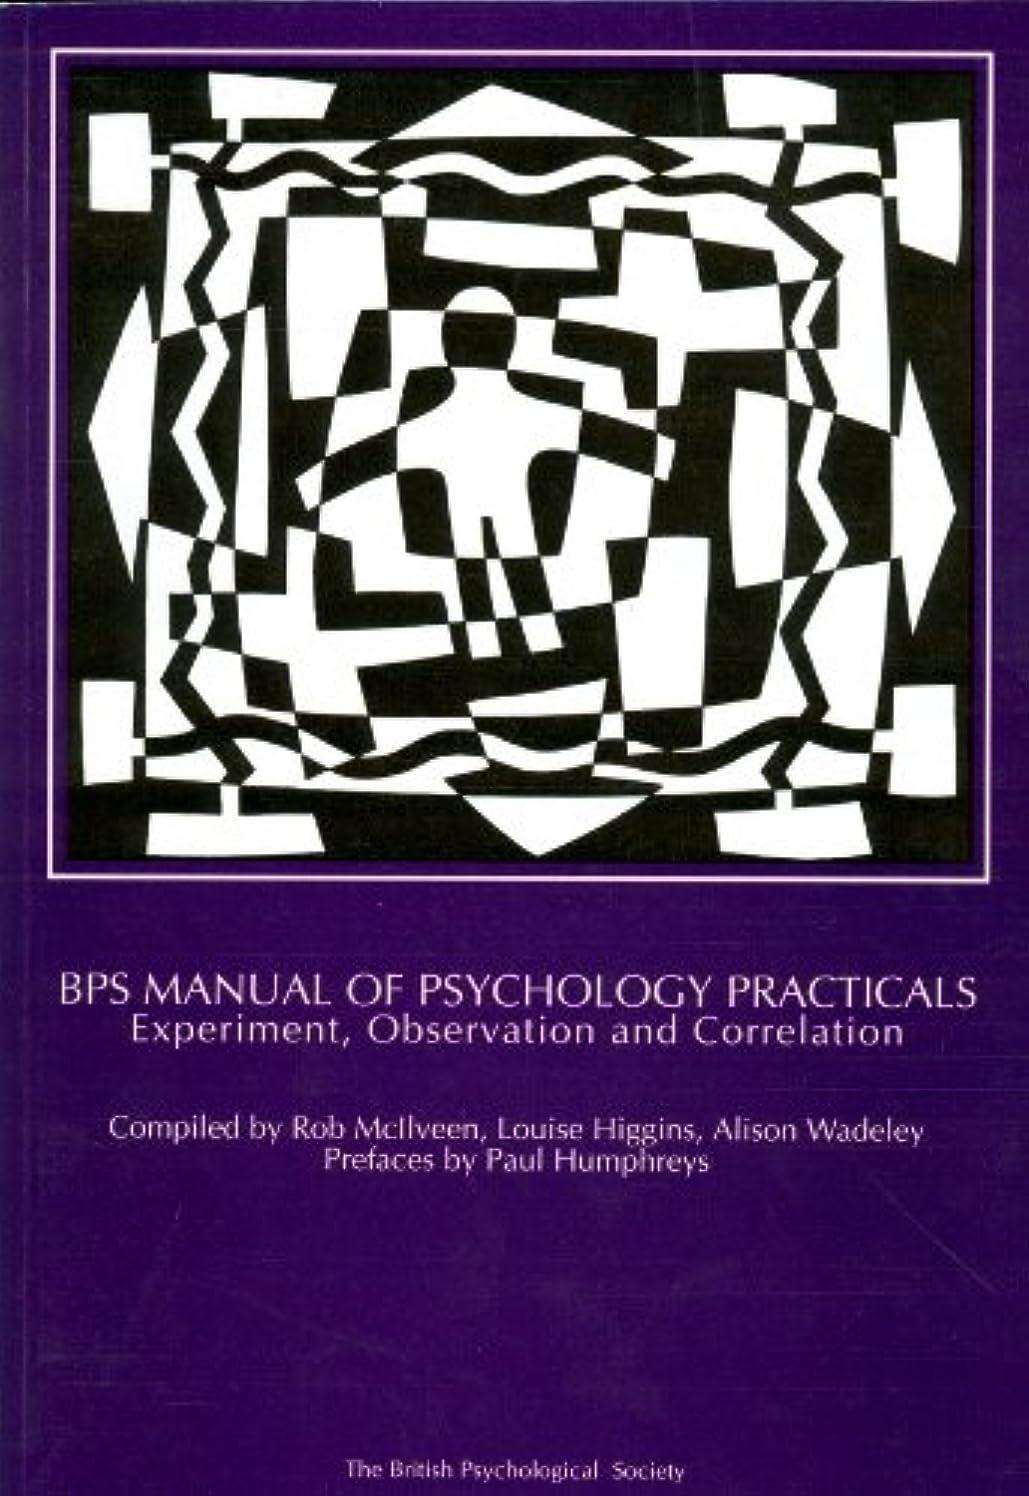 技術者レタス噴出するBPS Manual of Psychology Practicals: Experiment, Observation and Correlation